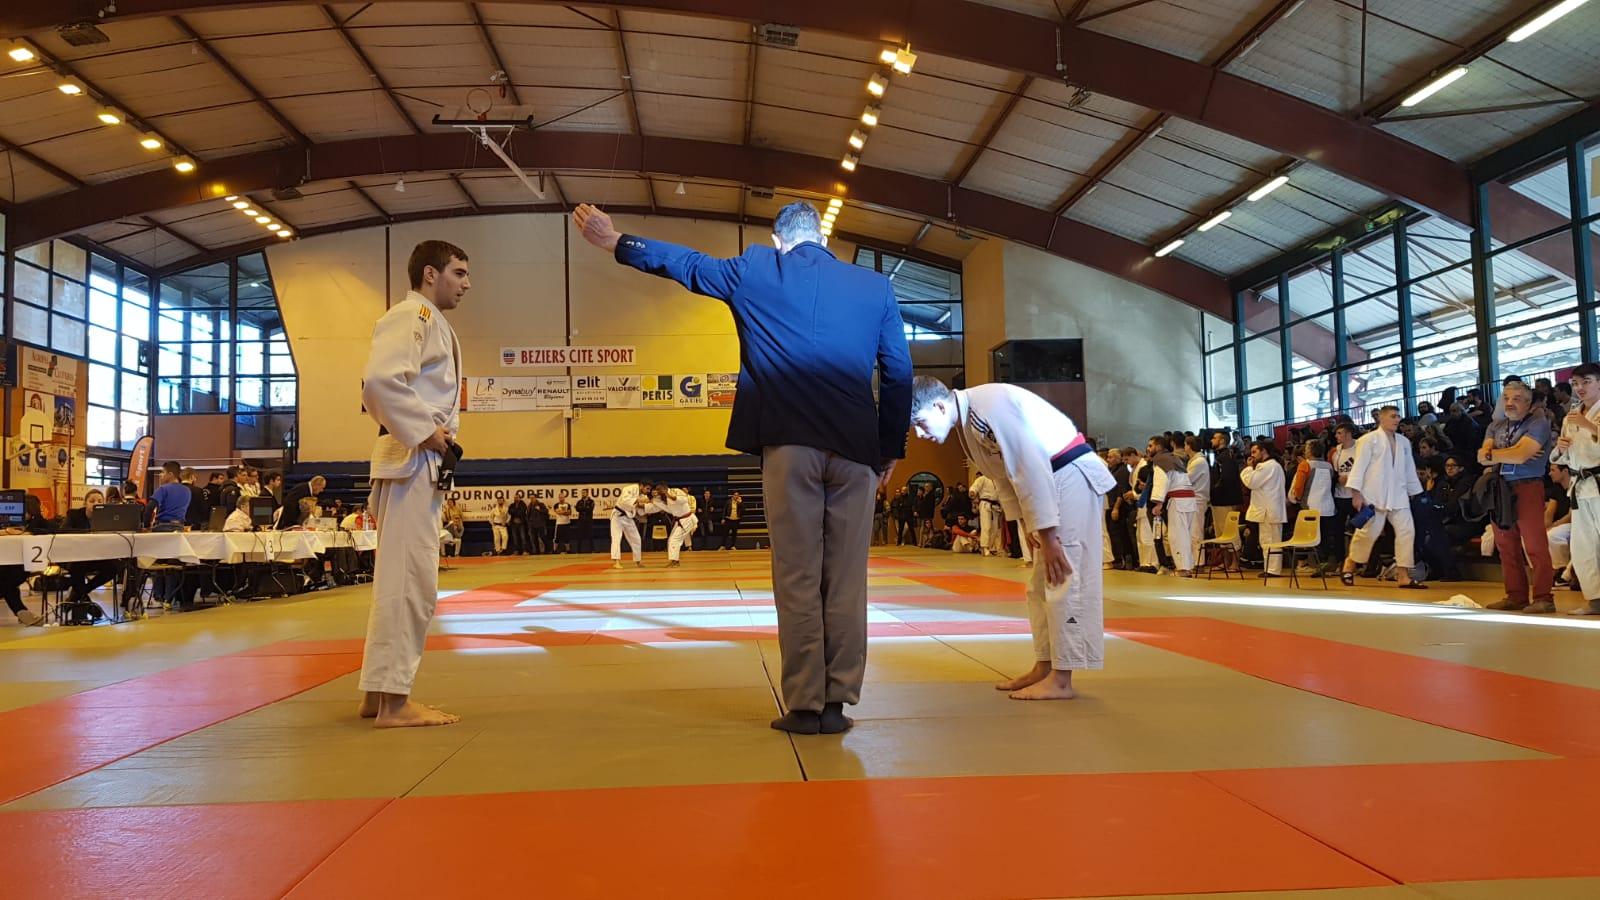 La gran historia del judoka ciego que compite este fin de semana en el Europeo ante rivales sin discapacidad